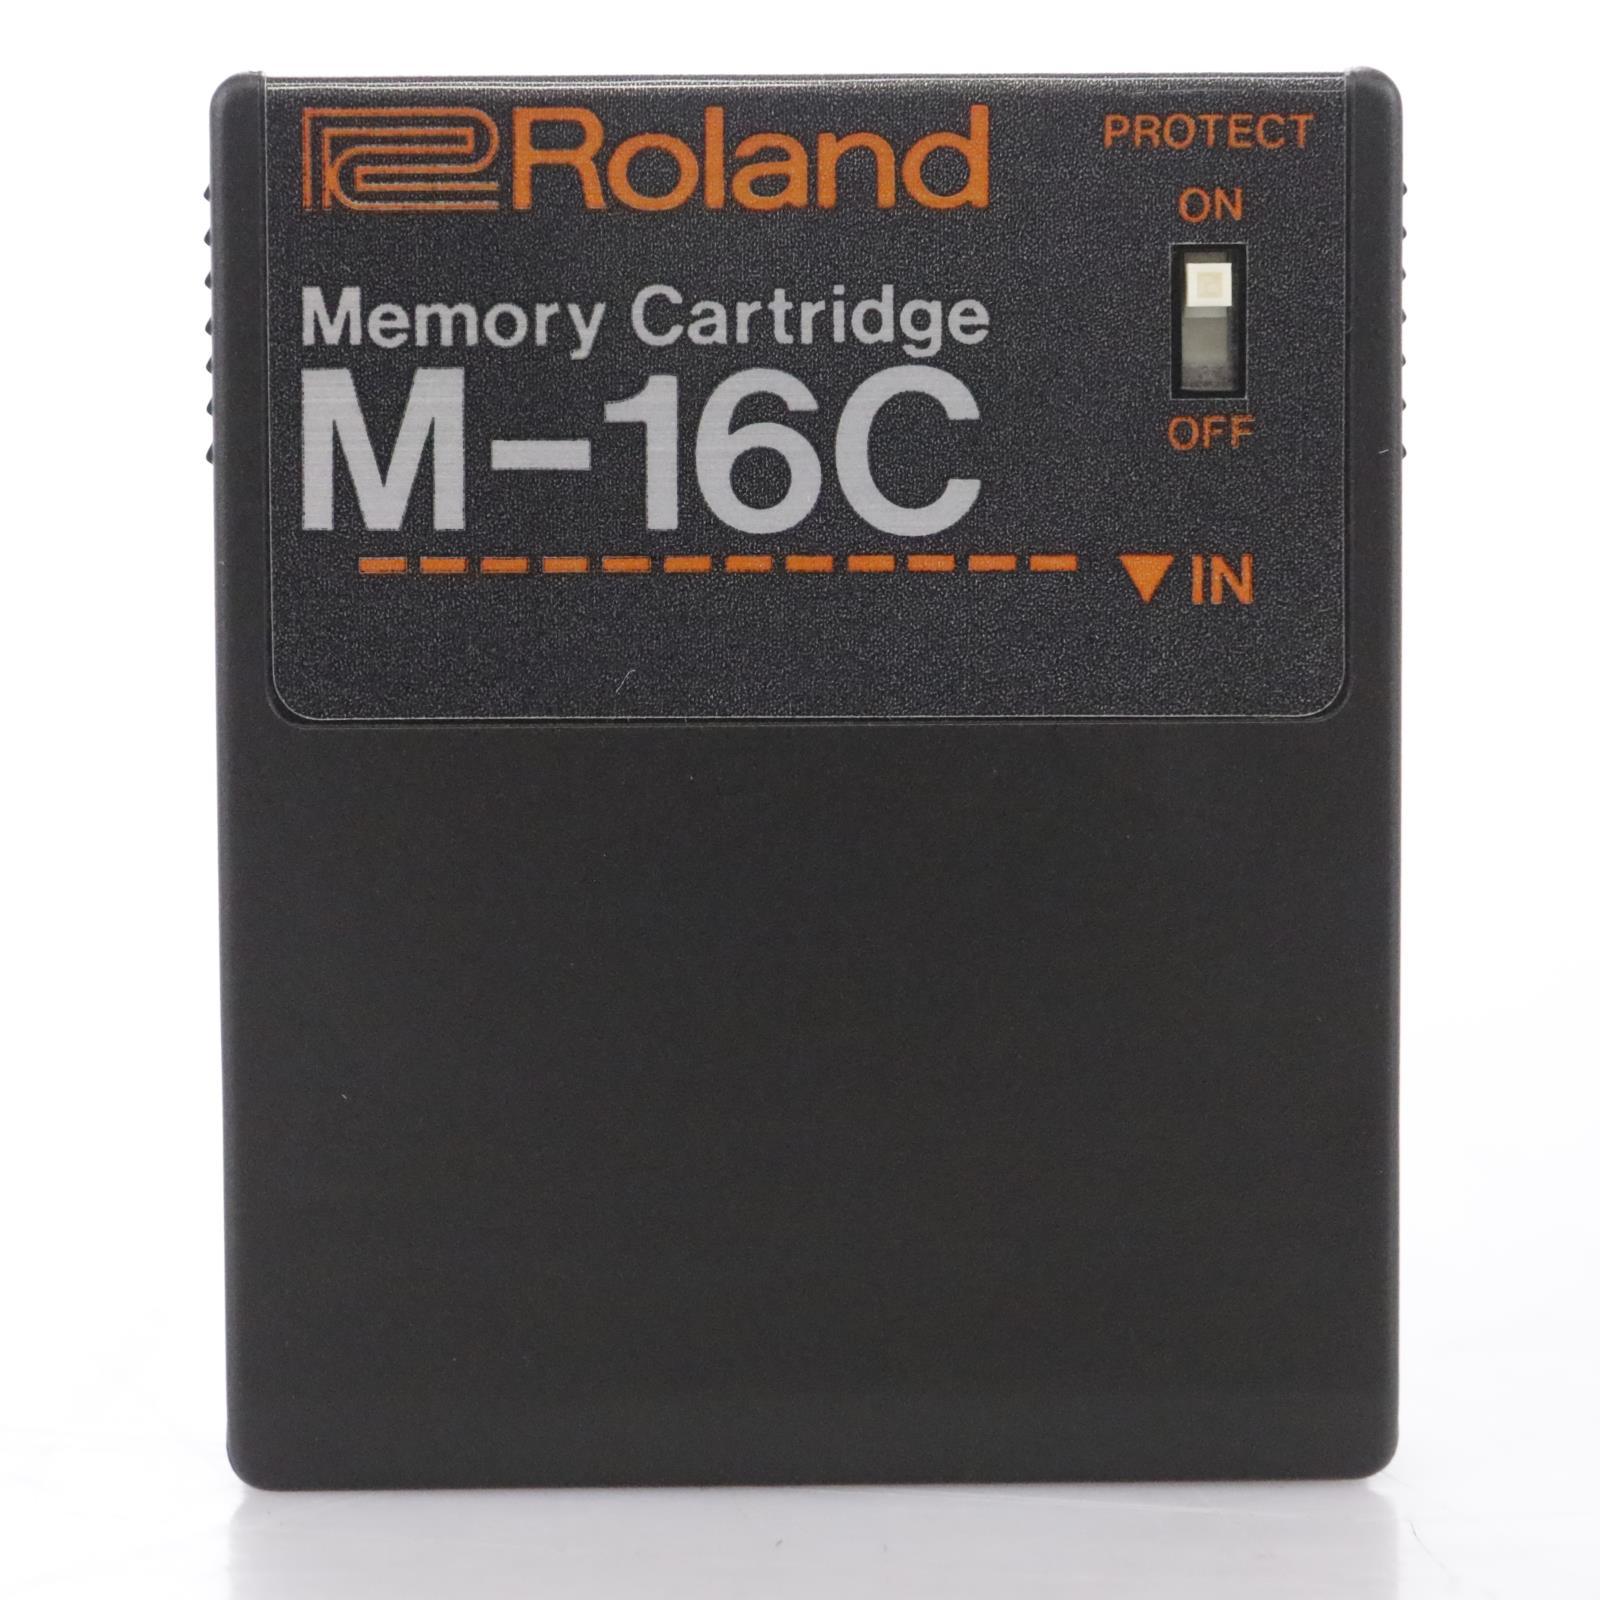 Roland M-16C Memory Cartridge w/ NOS in Original Box #44114